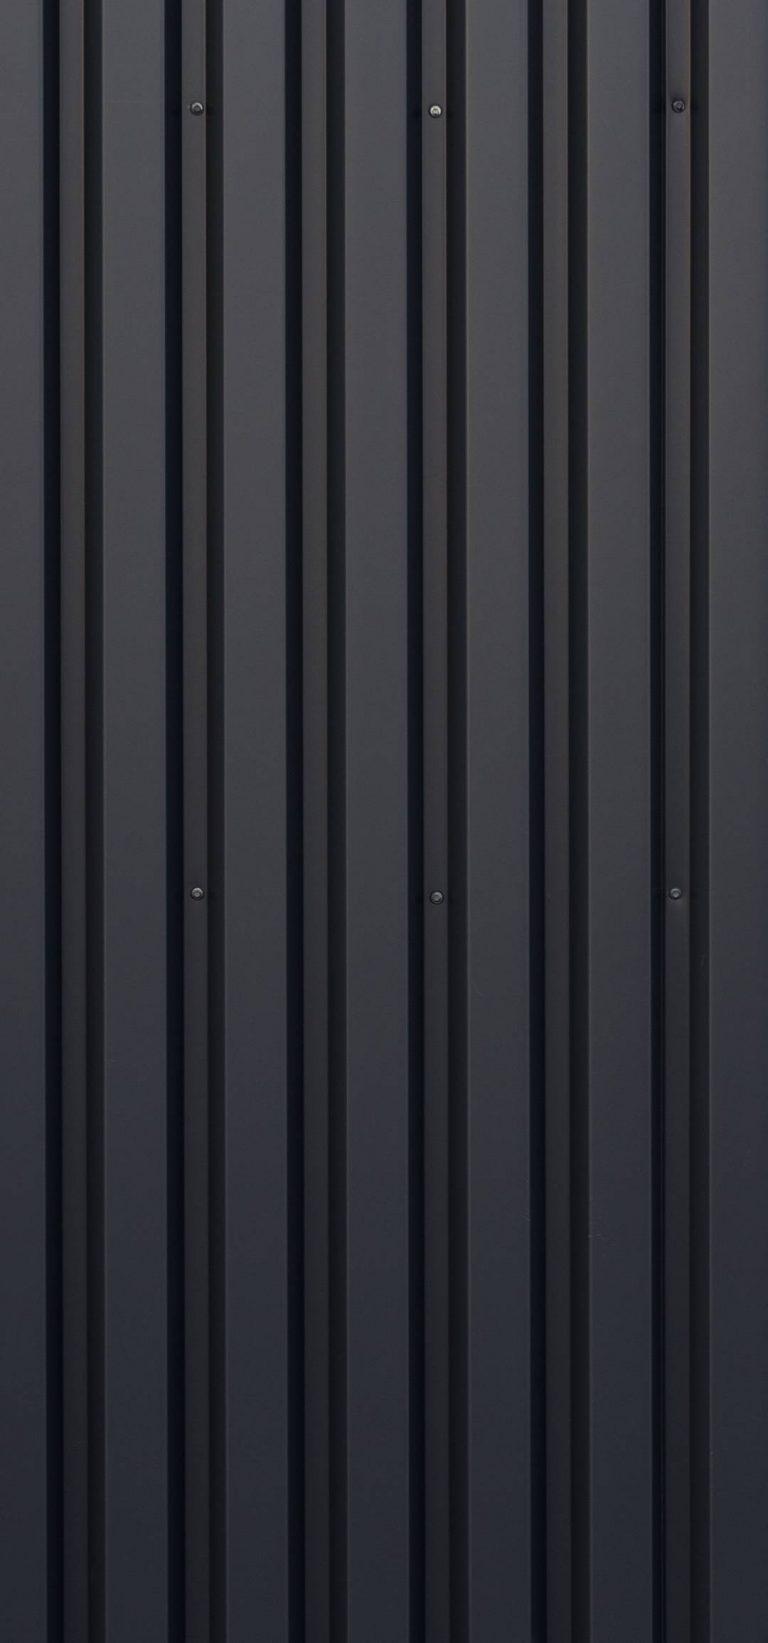 1080x2310 Wallpaper 401 768x1643